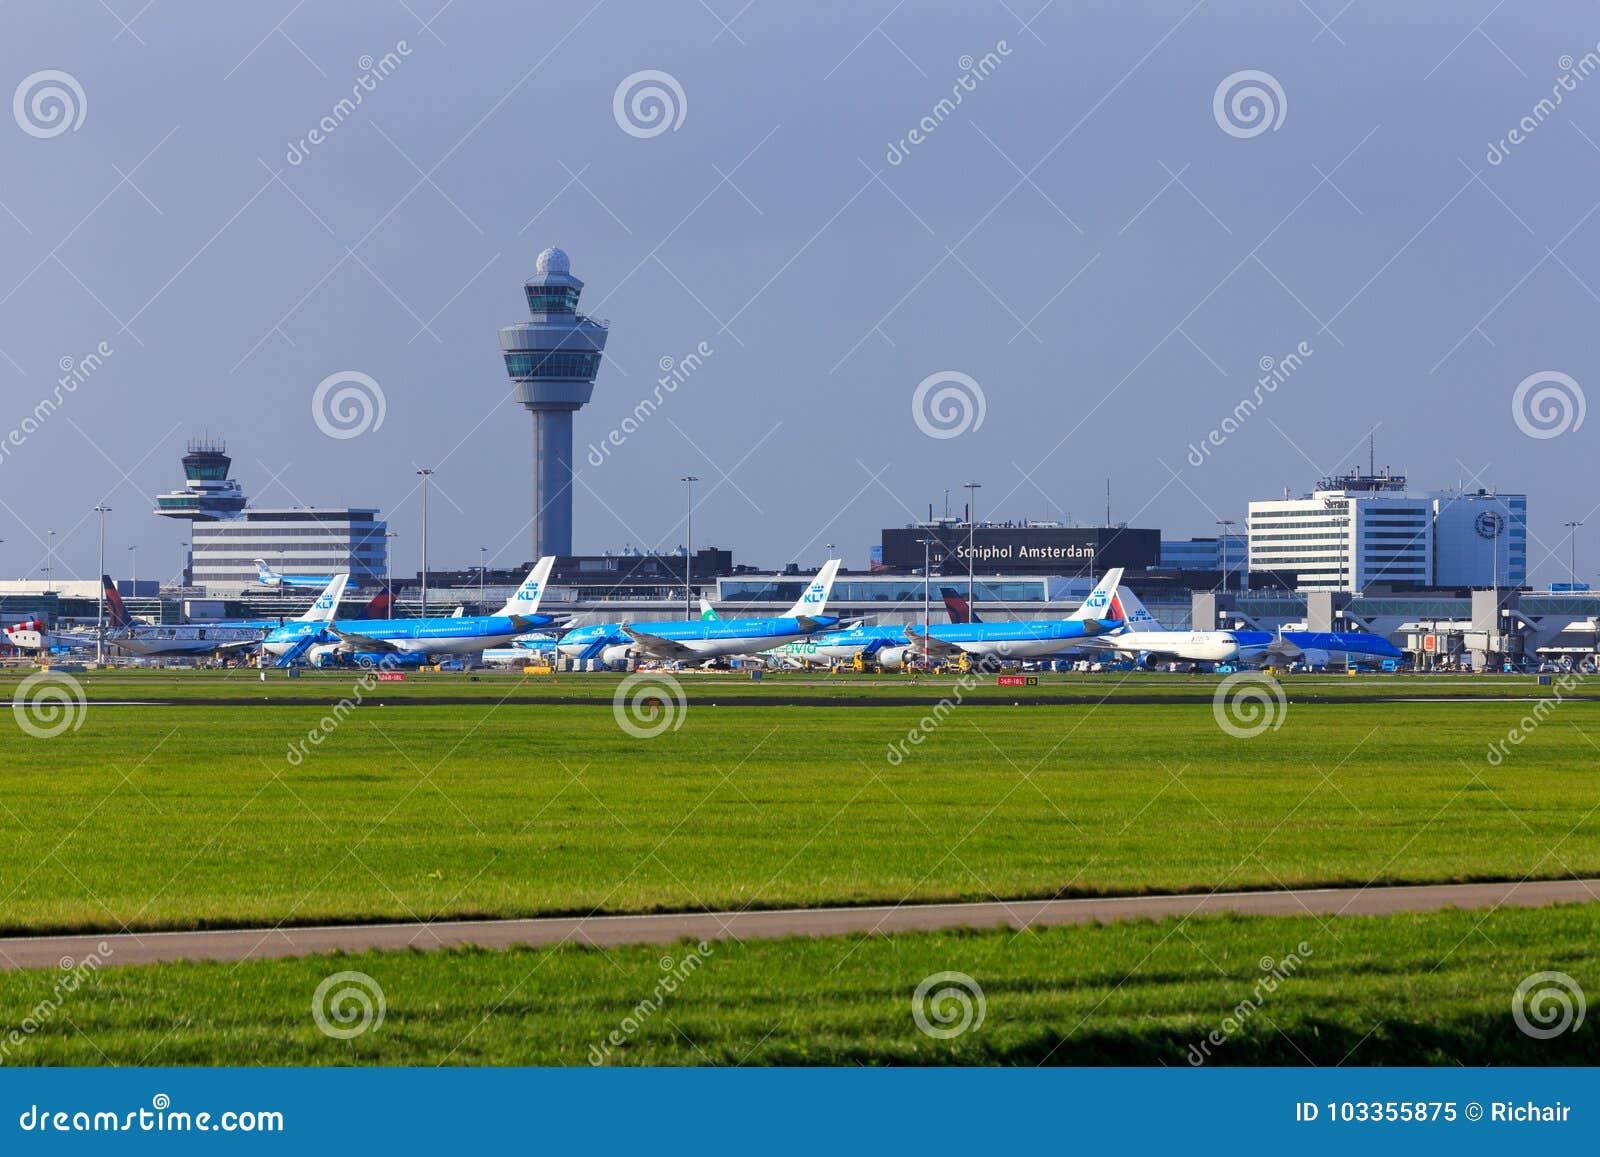 Amsterdam flygplats Schiphol, Nederländerna